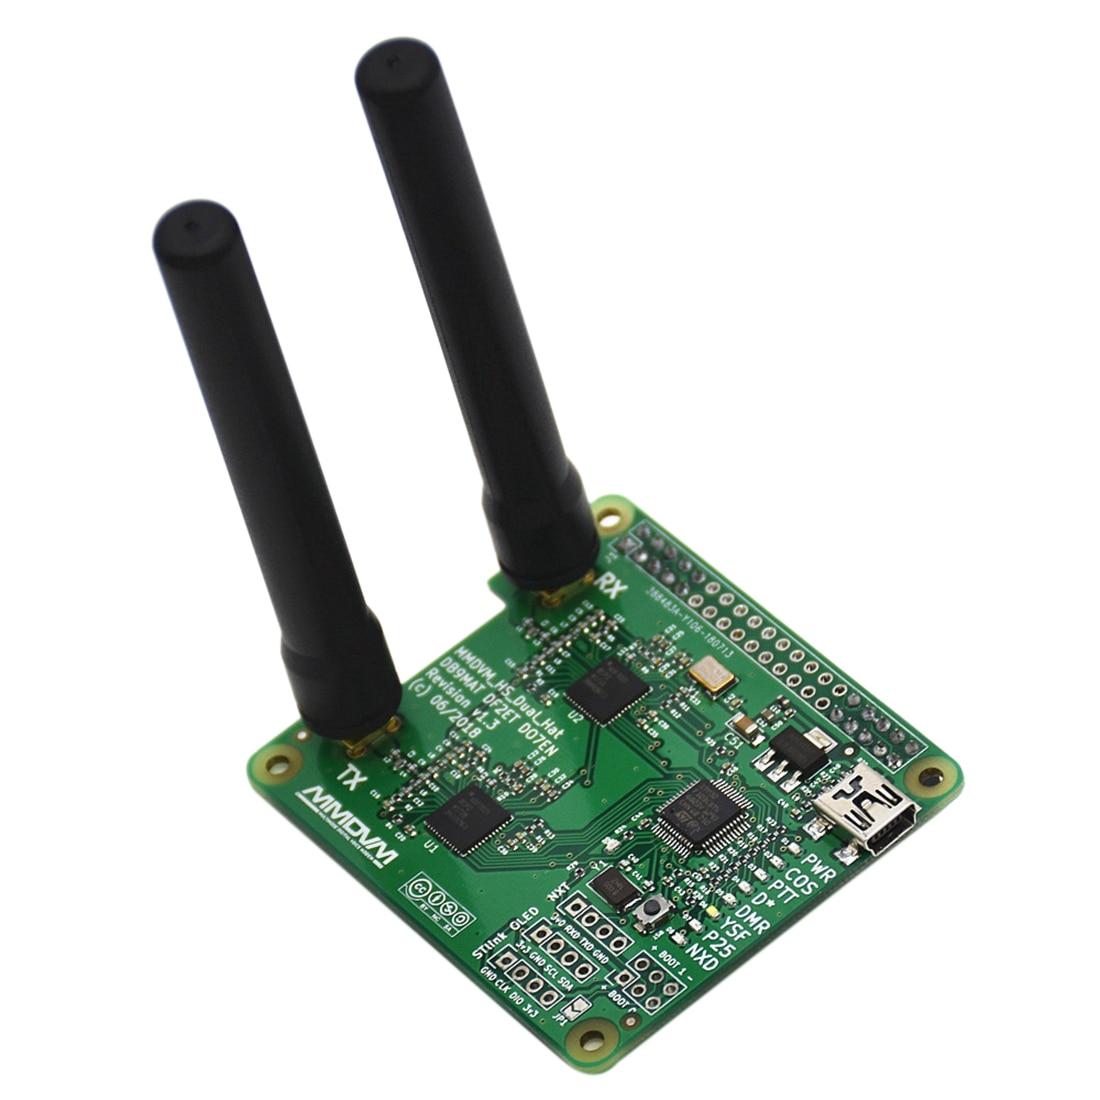 New MMDVM DUPLEX hotspot Support P25 DMR YSF NXDN DMR SLOT 1+ SLOT 2 for Raspberry piNew MMDVM DUPLEX hotspot Support P25 DMR YSF NXDN DMR SLOT 1+ SLOT 2 for Raspberry pi